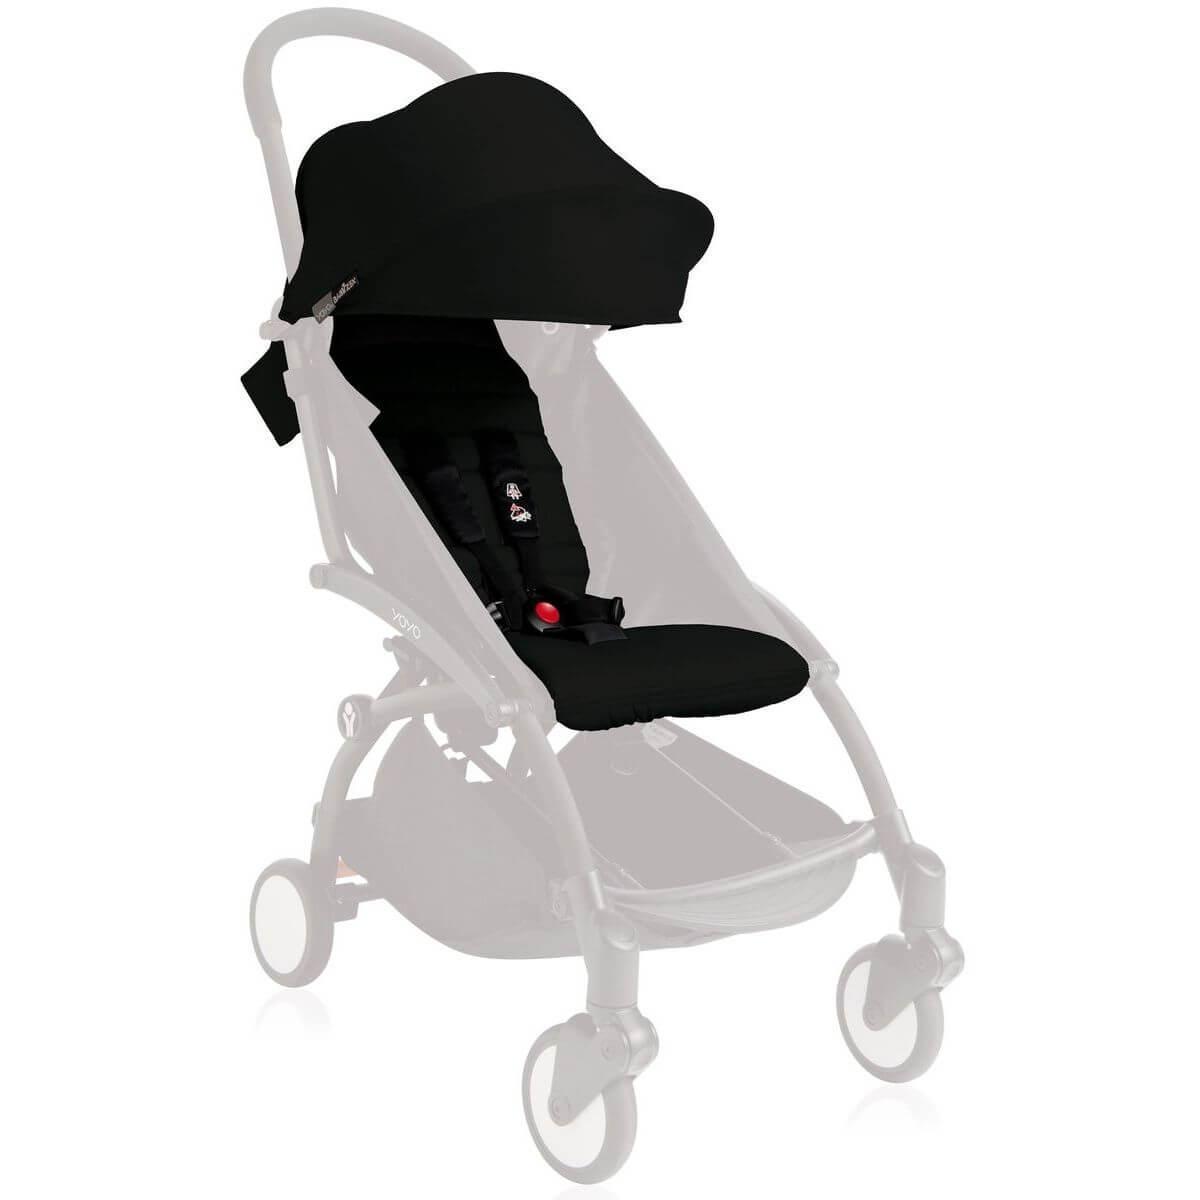 Pack silla paseo YOYO+ 6+ Babyzen negro